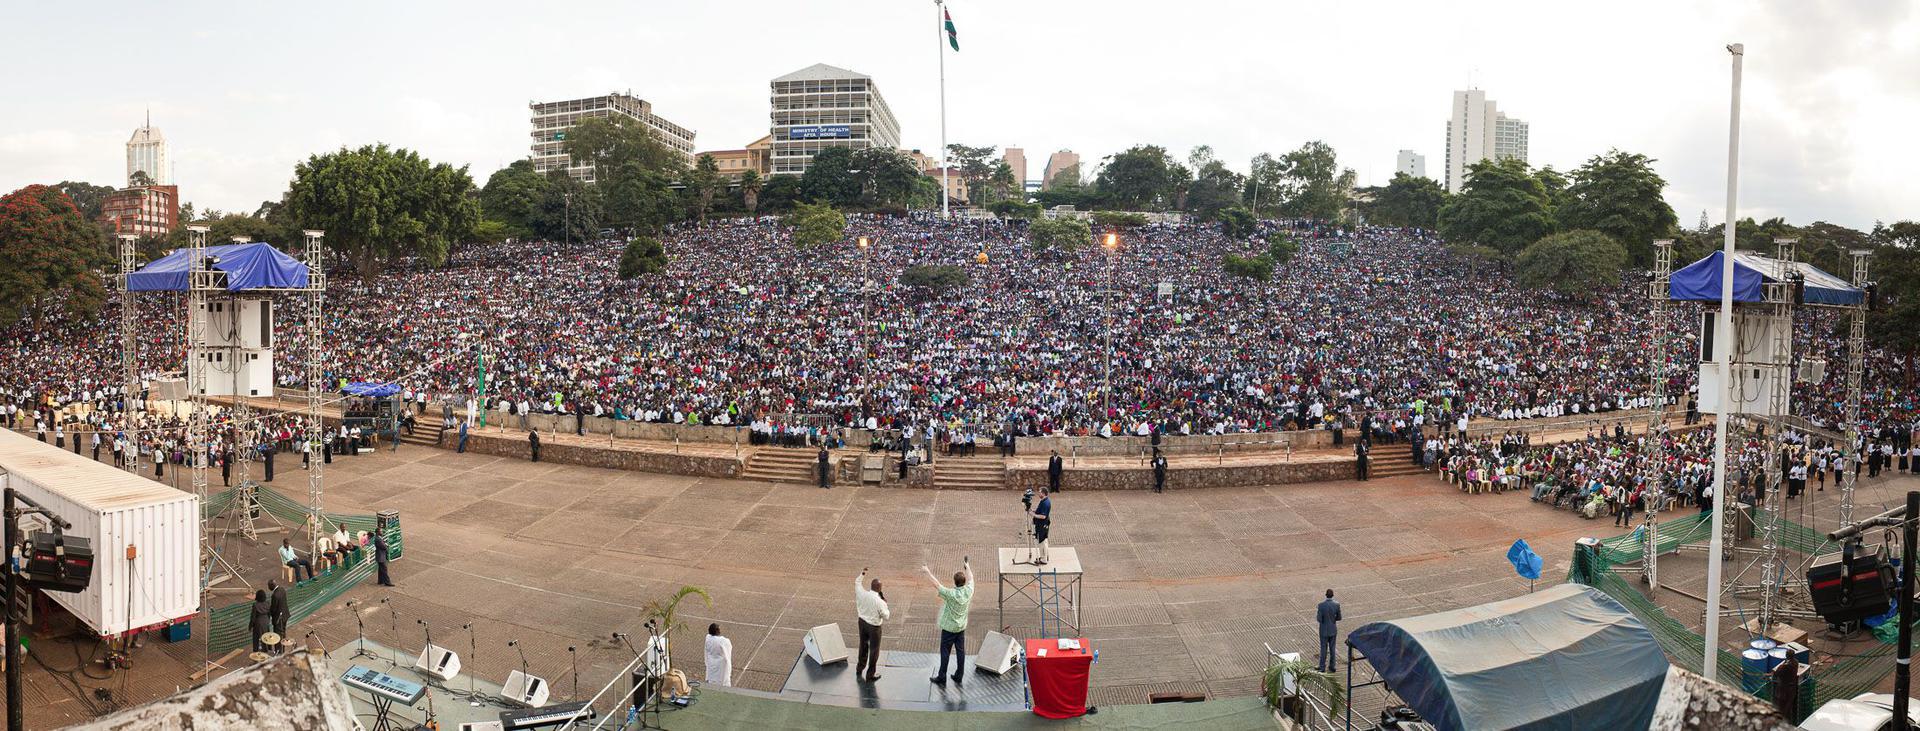 Uhuru Park, Kenya Crusade